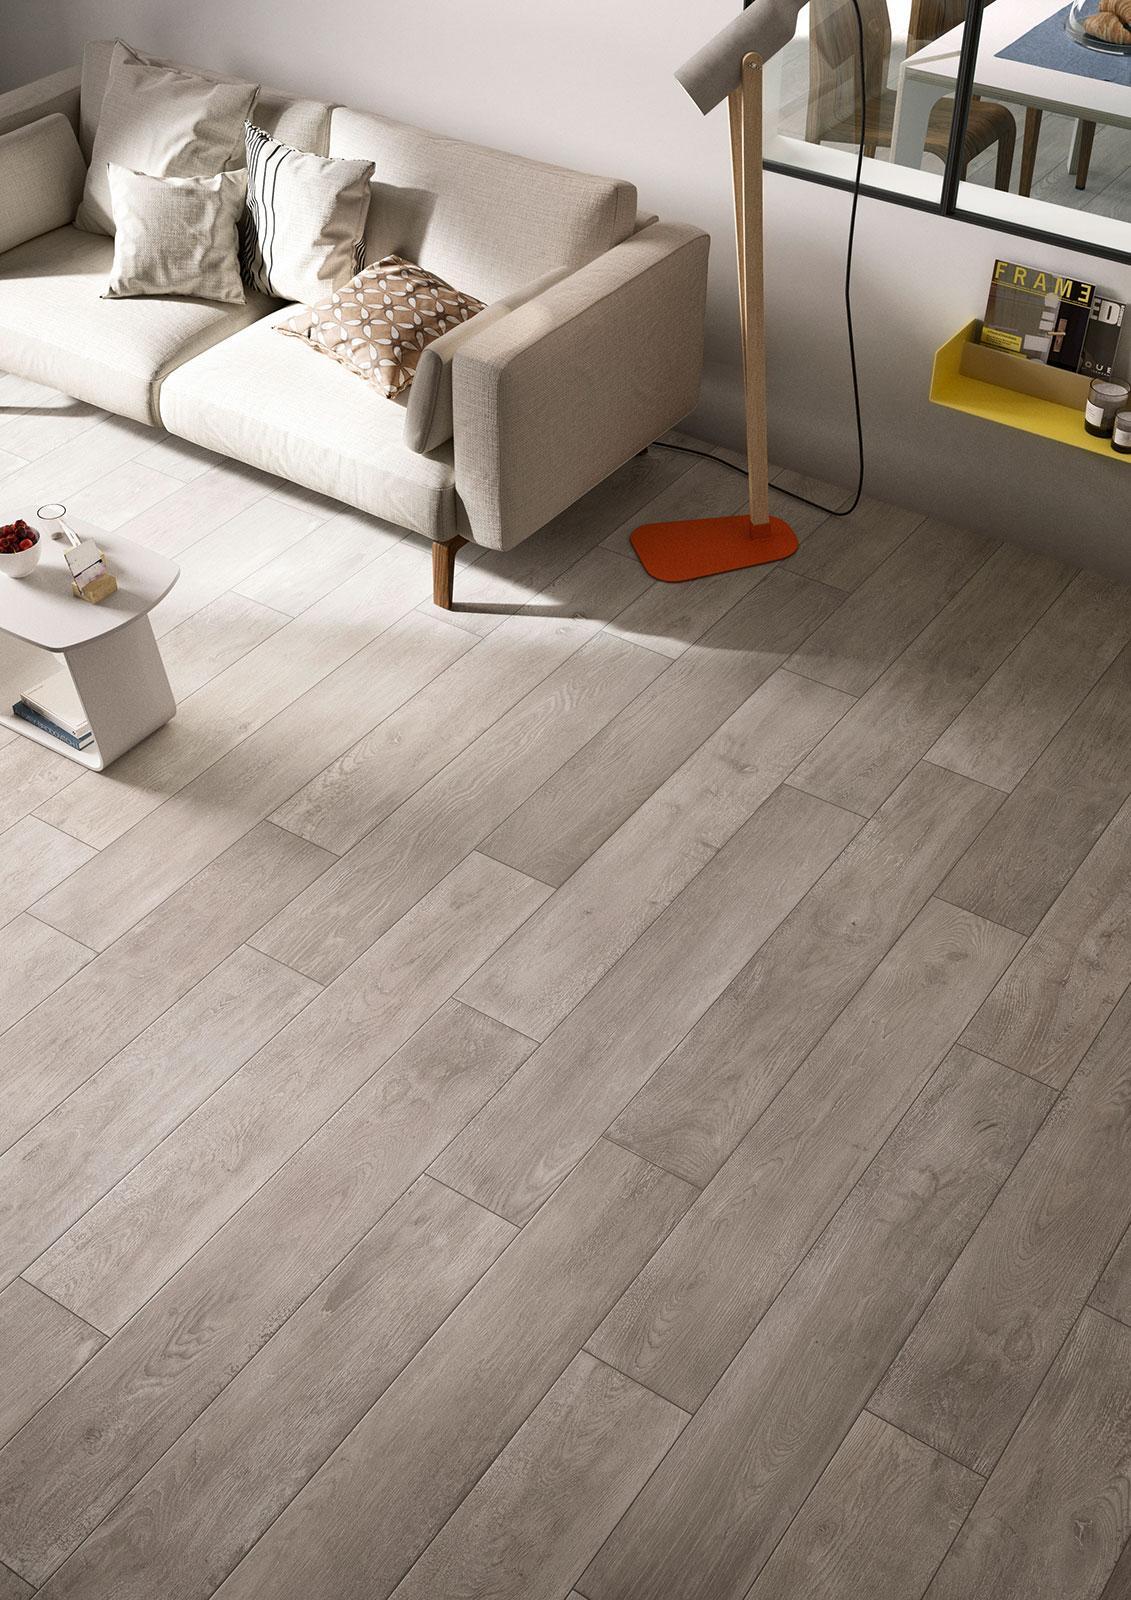 Treverktime wood effect stoneware floors marazzi treverktime wood effect dailygadgetfo Gallery